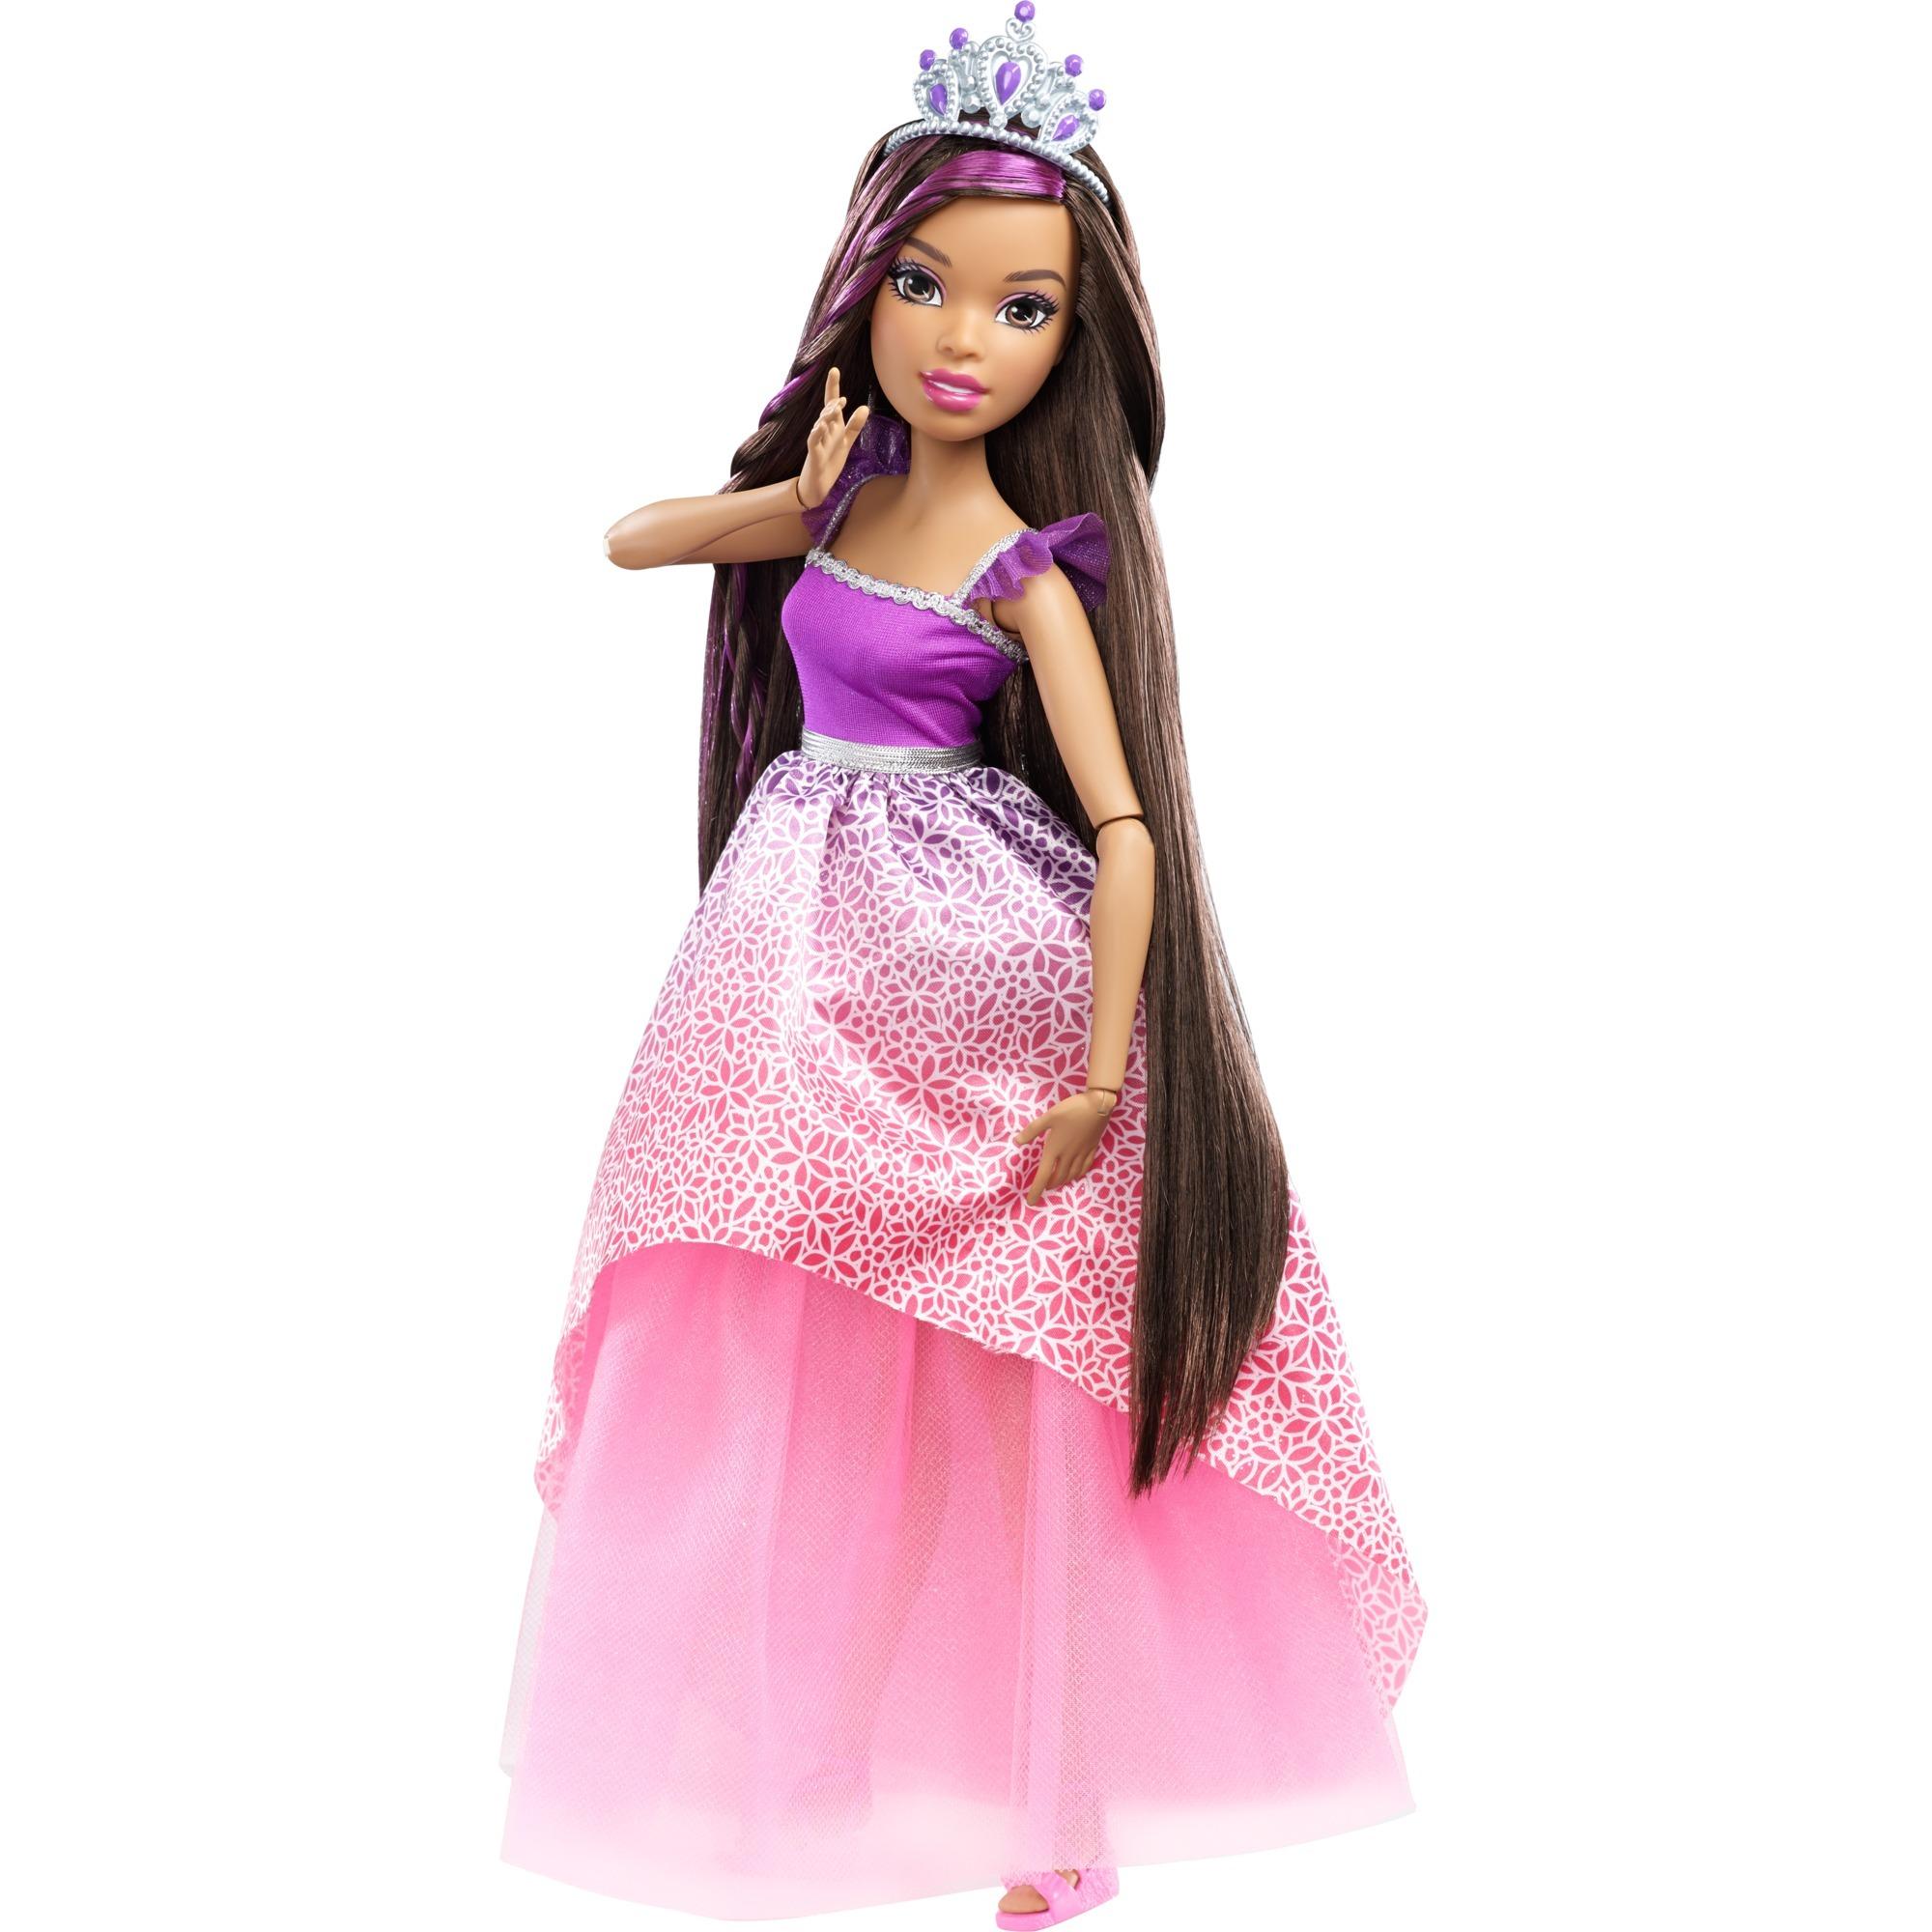 barbie-stor-dukke-prinsesse-pop-med-langt-brunt-haar